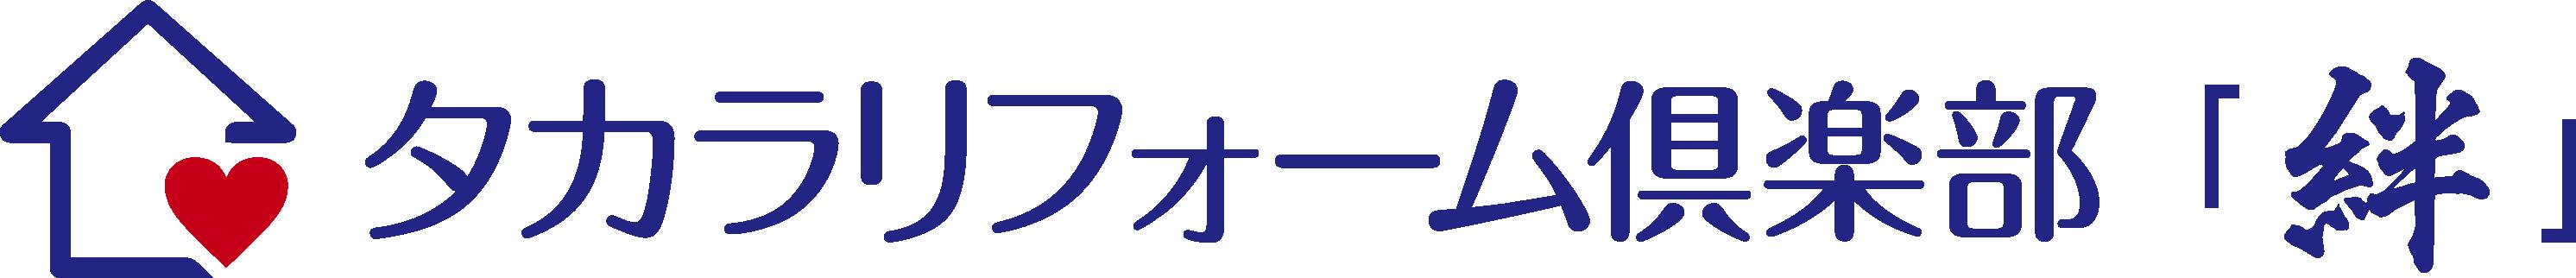 タカラリフォーム倶楽部「絆」